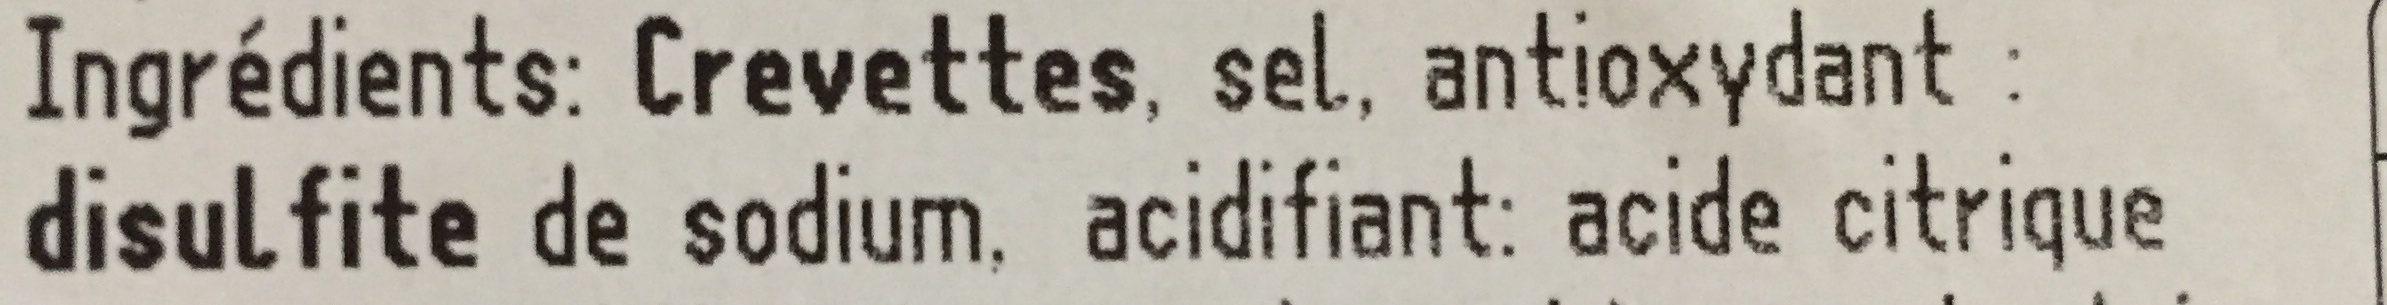 Crevettes 60/80 - Ingrediënten - fr